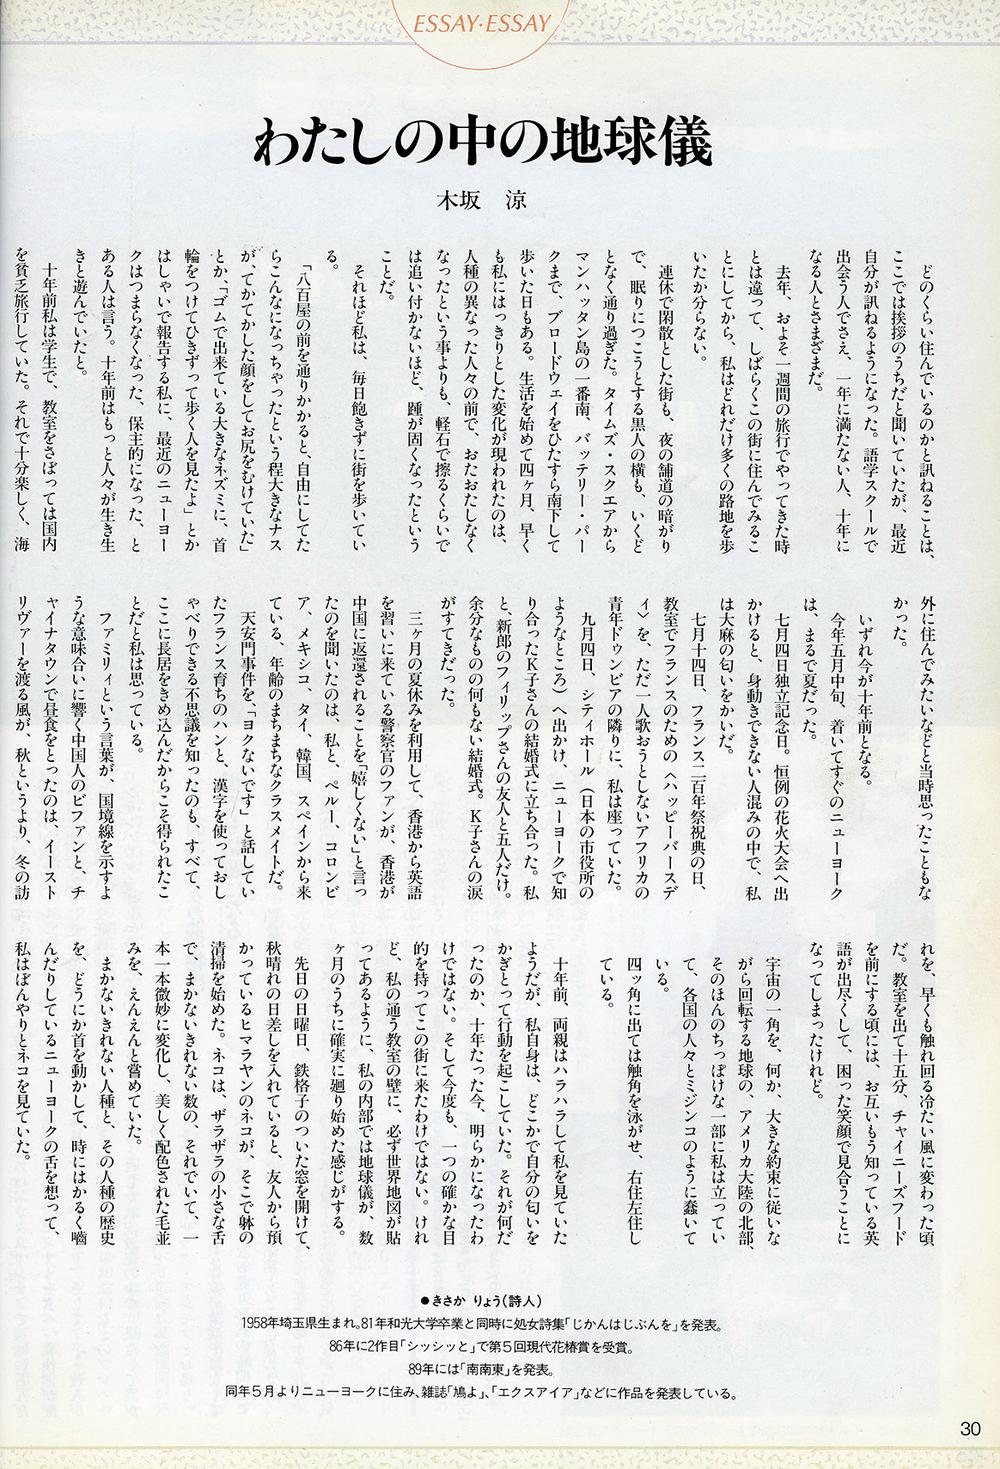 johoen-1990-pg4.jpg